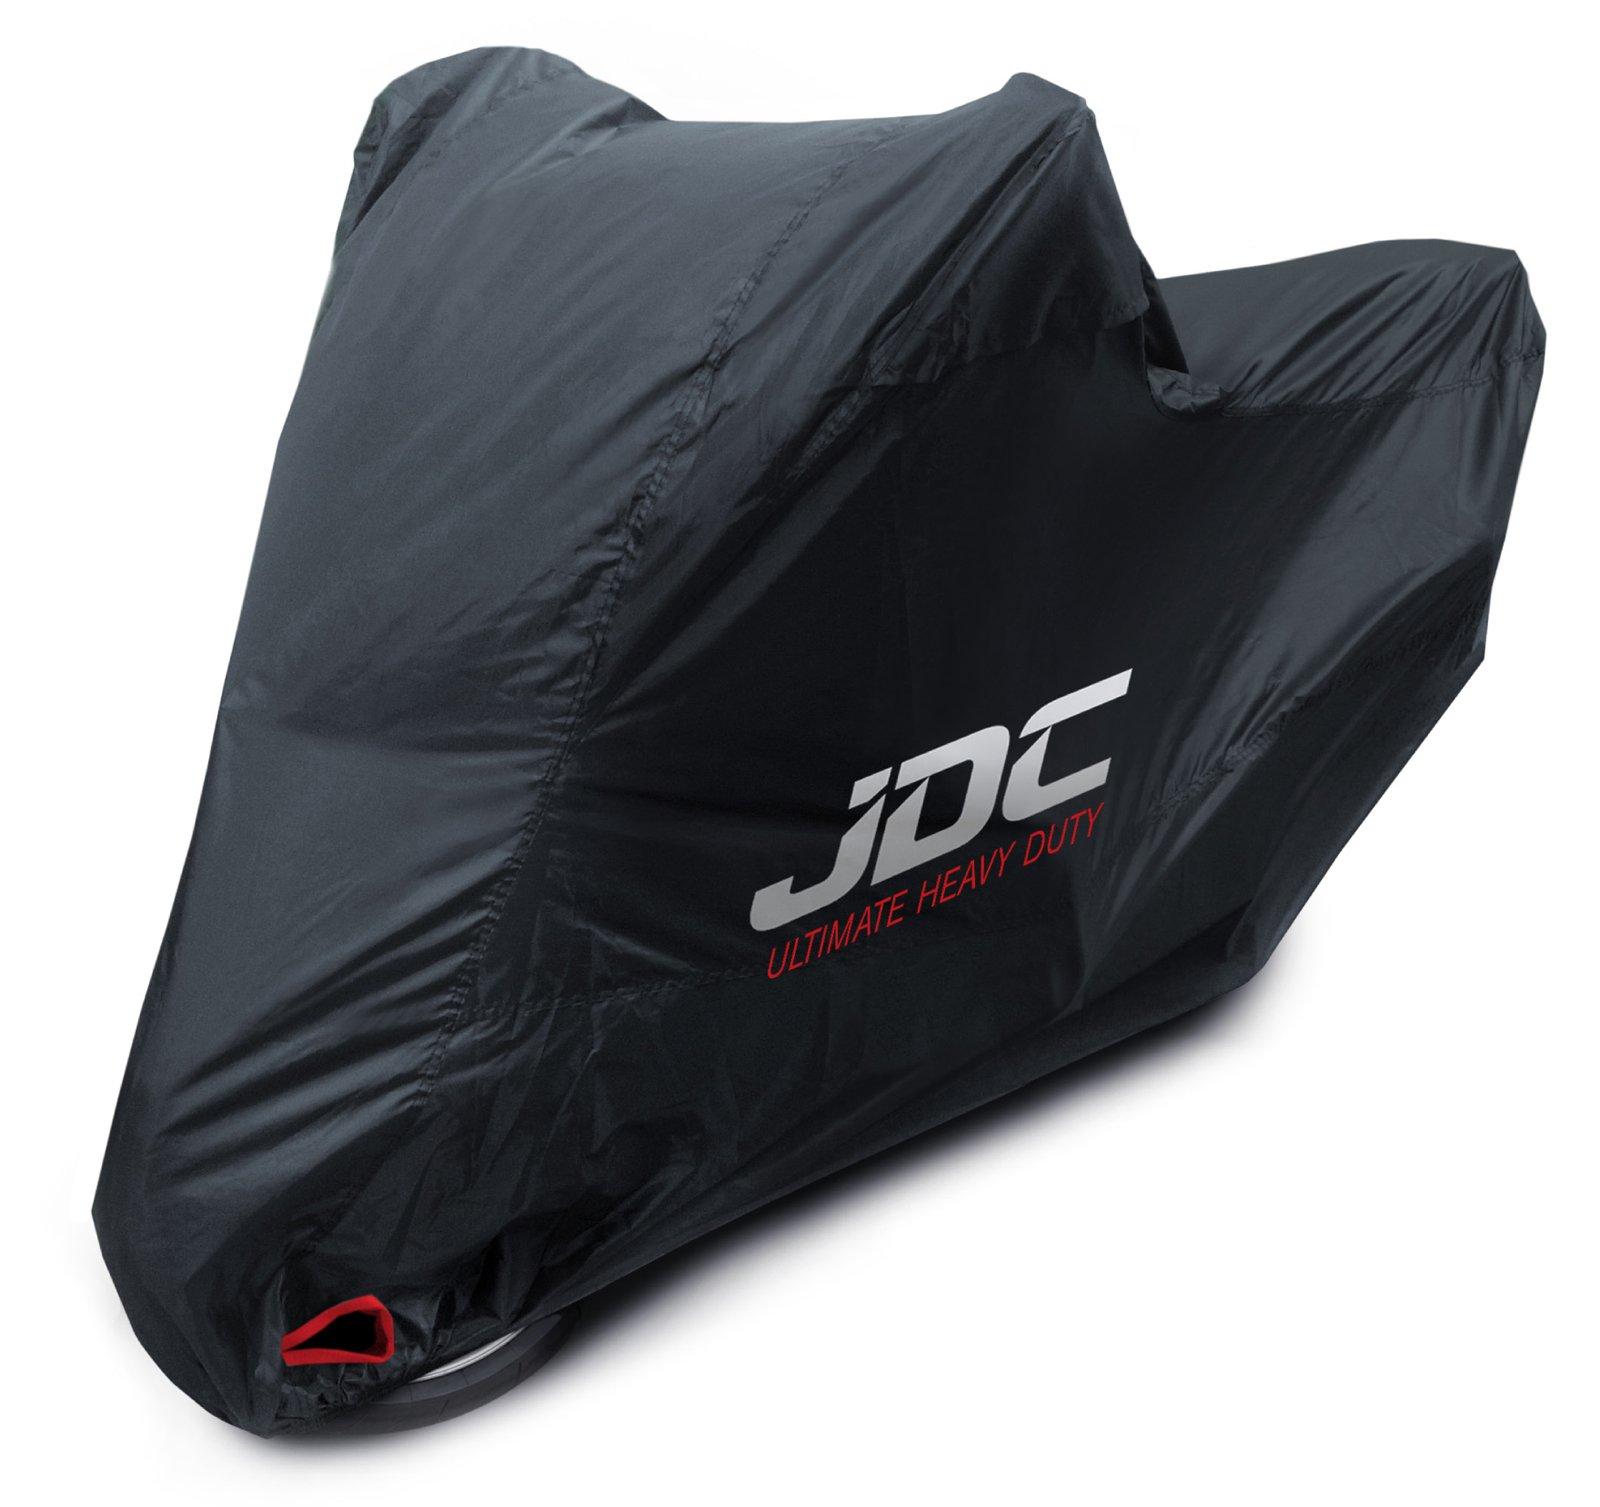 JDC Housse moto 100 % étanche – ULTIMATE HEAVY DUTY (Extra robuste, doublure souple, panneaux résistants à la chaleur, coutures étanchéifiées) - L Top case product image